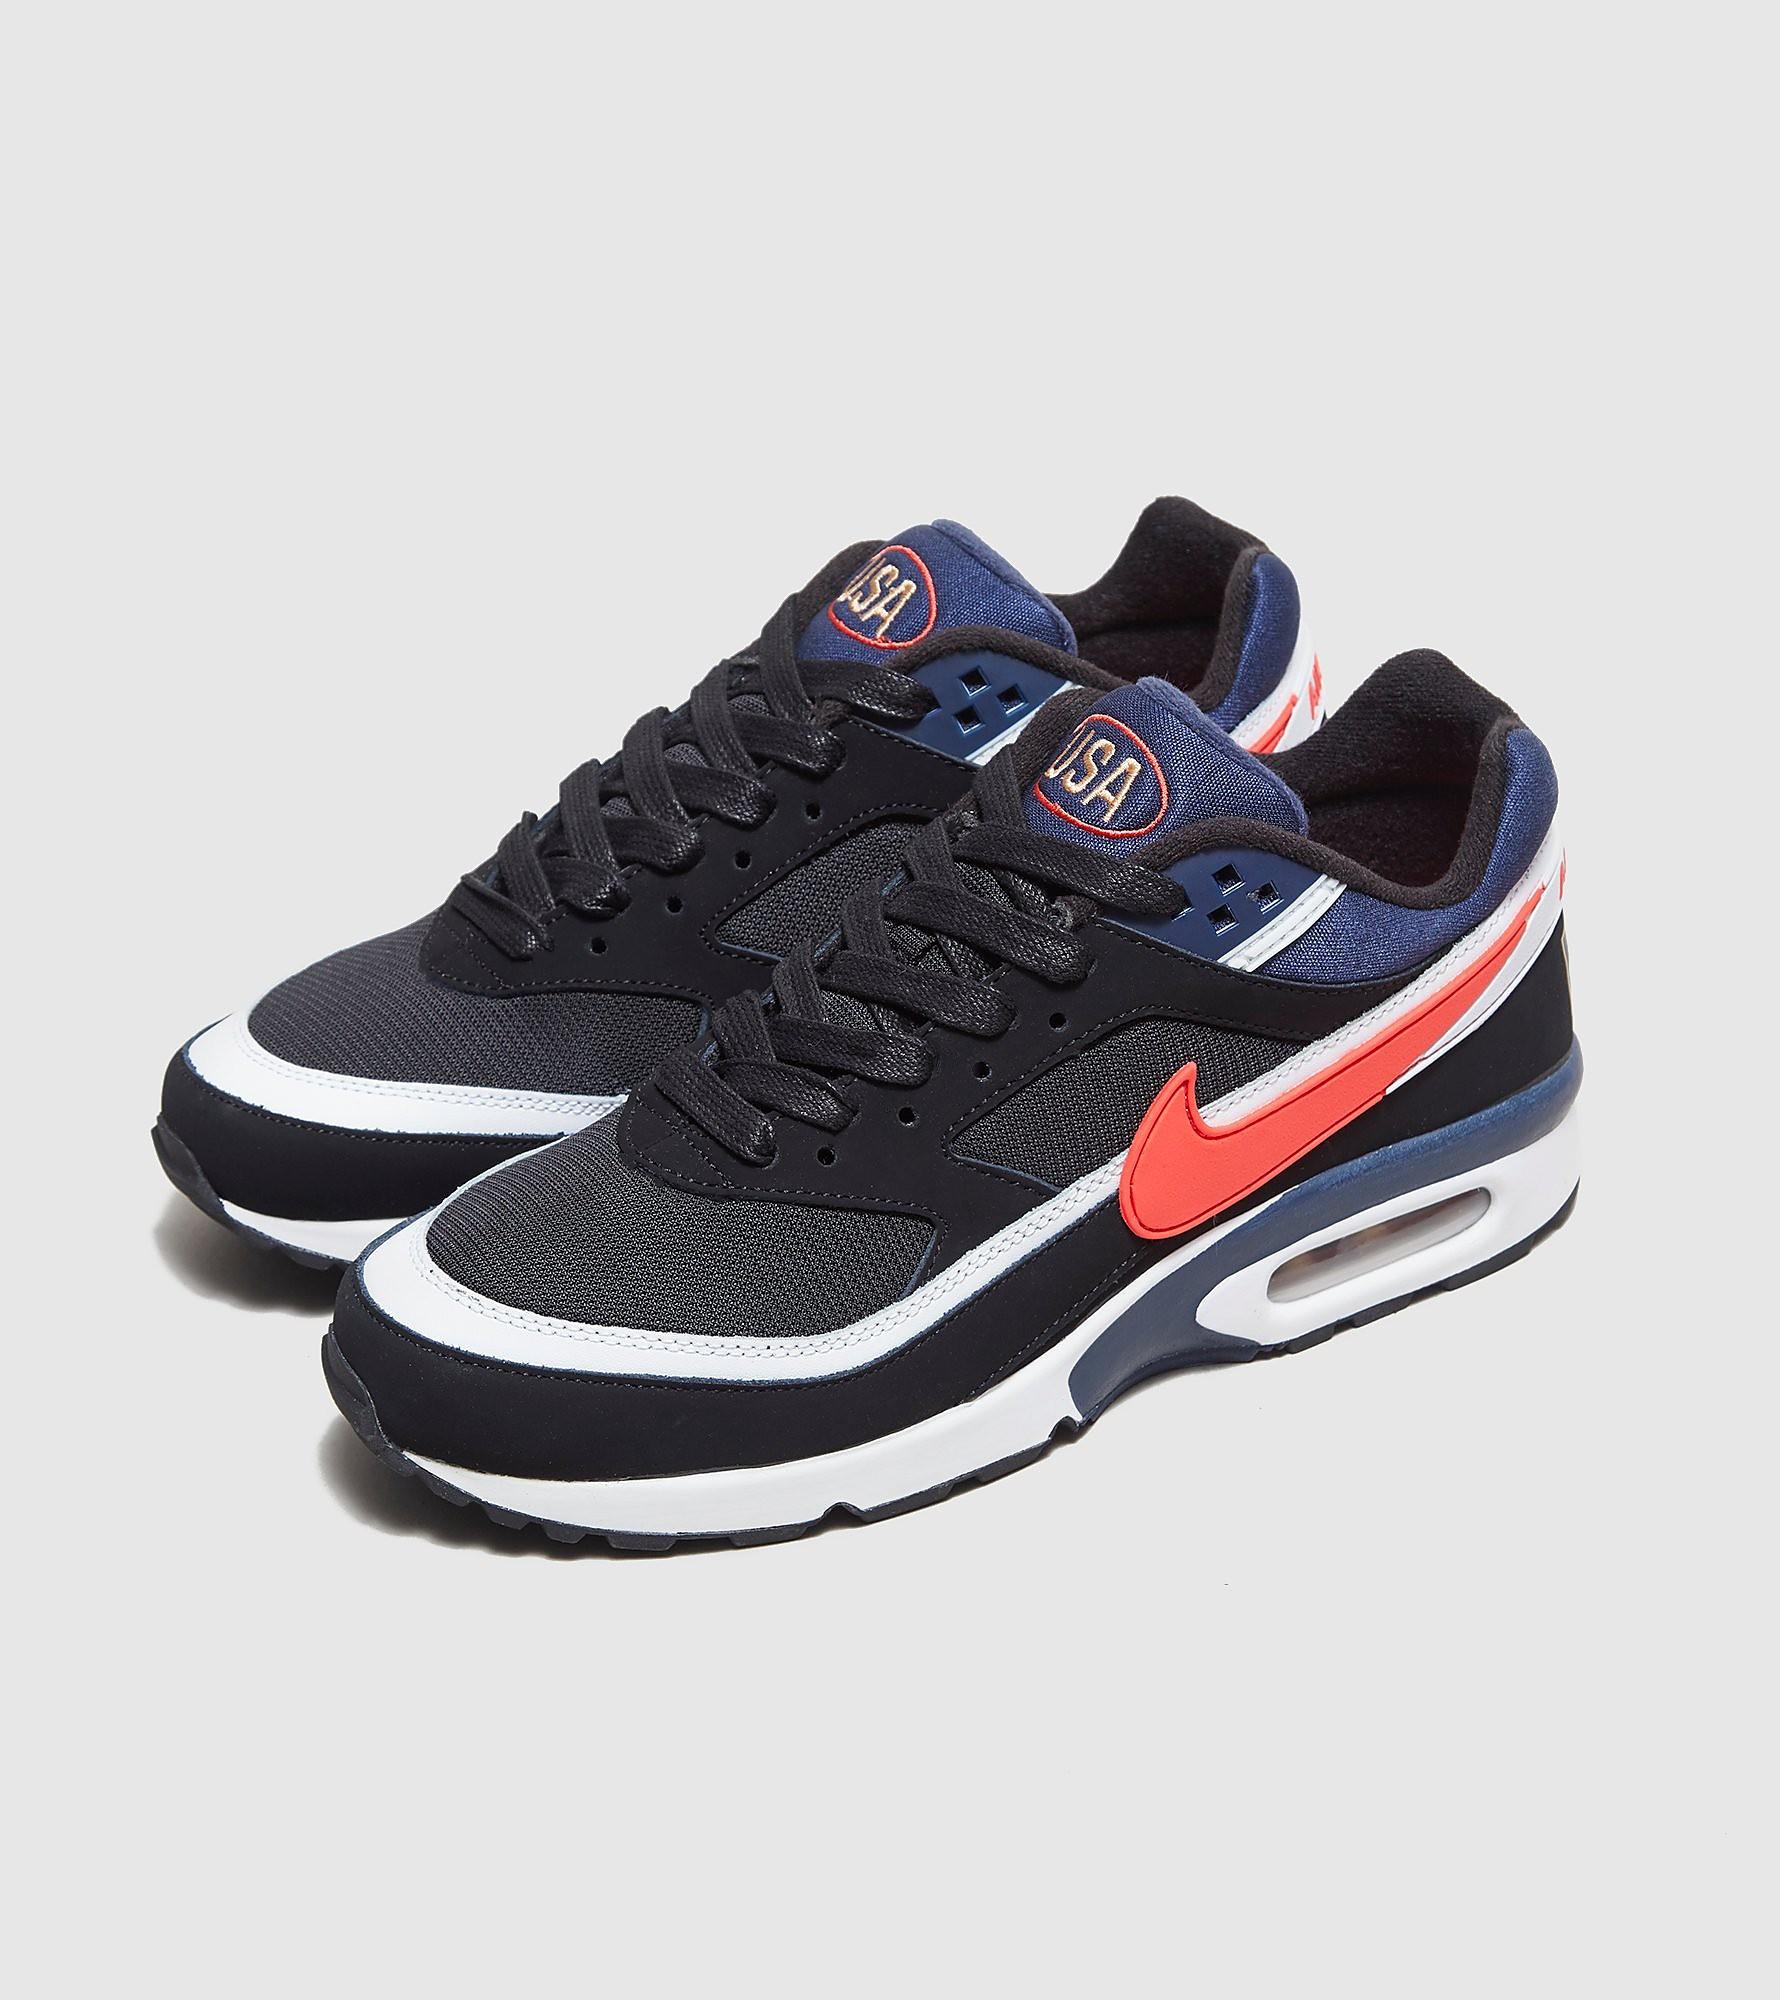 Nike Air Max BW Premium 'Olympic' Pack